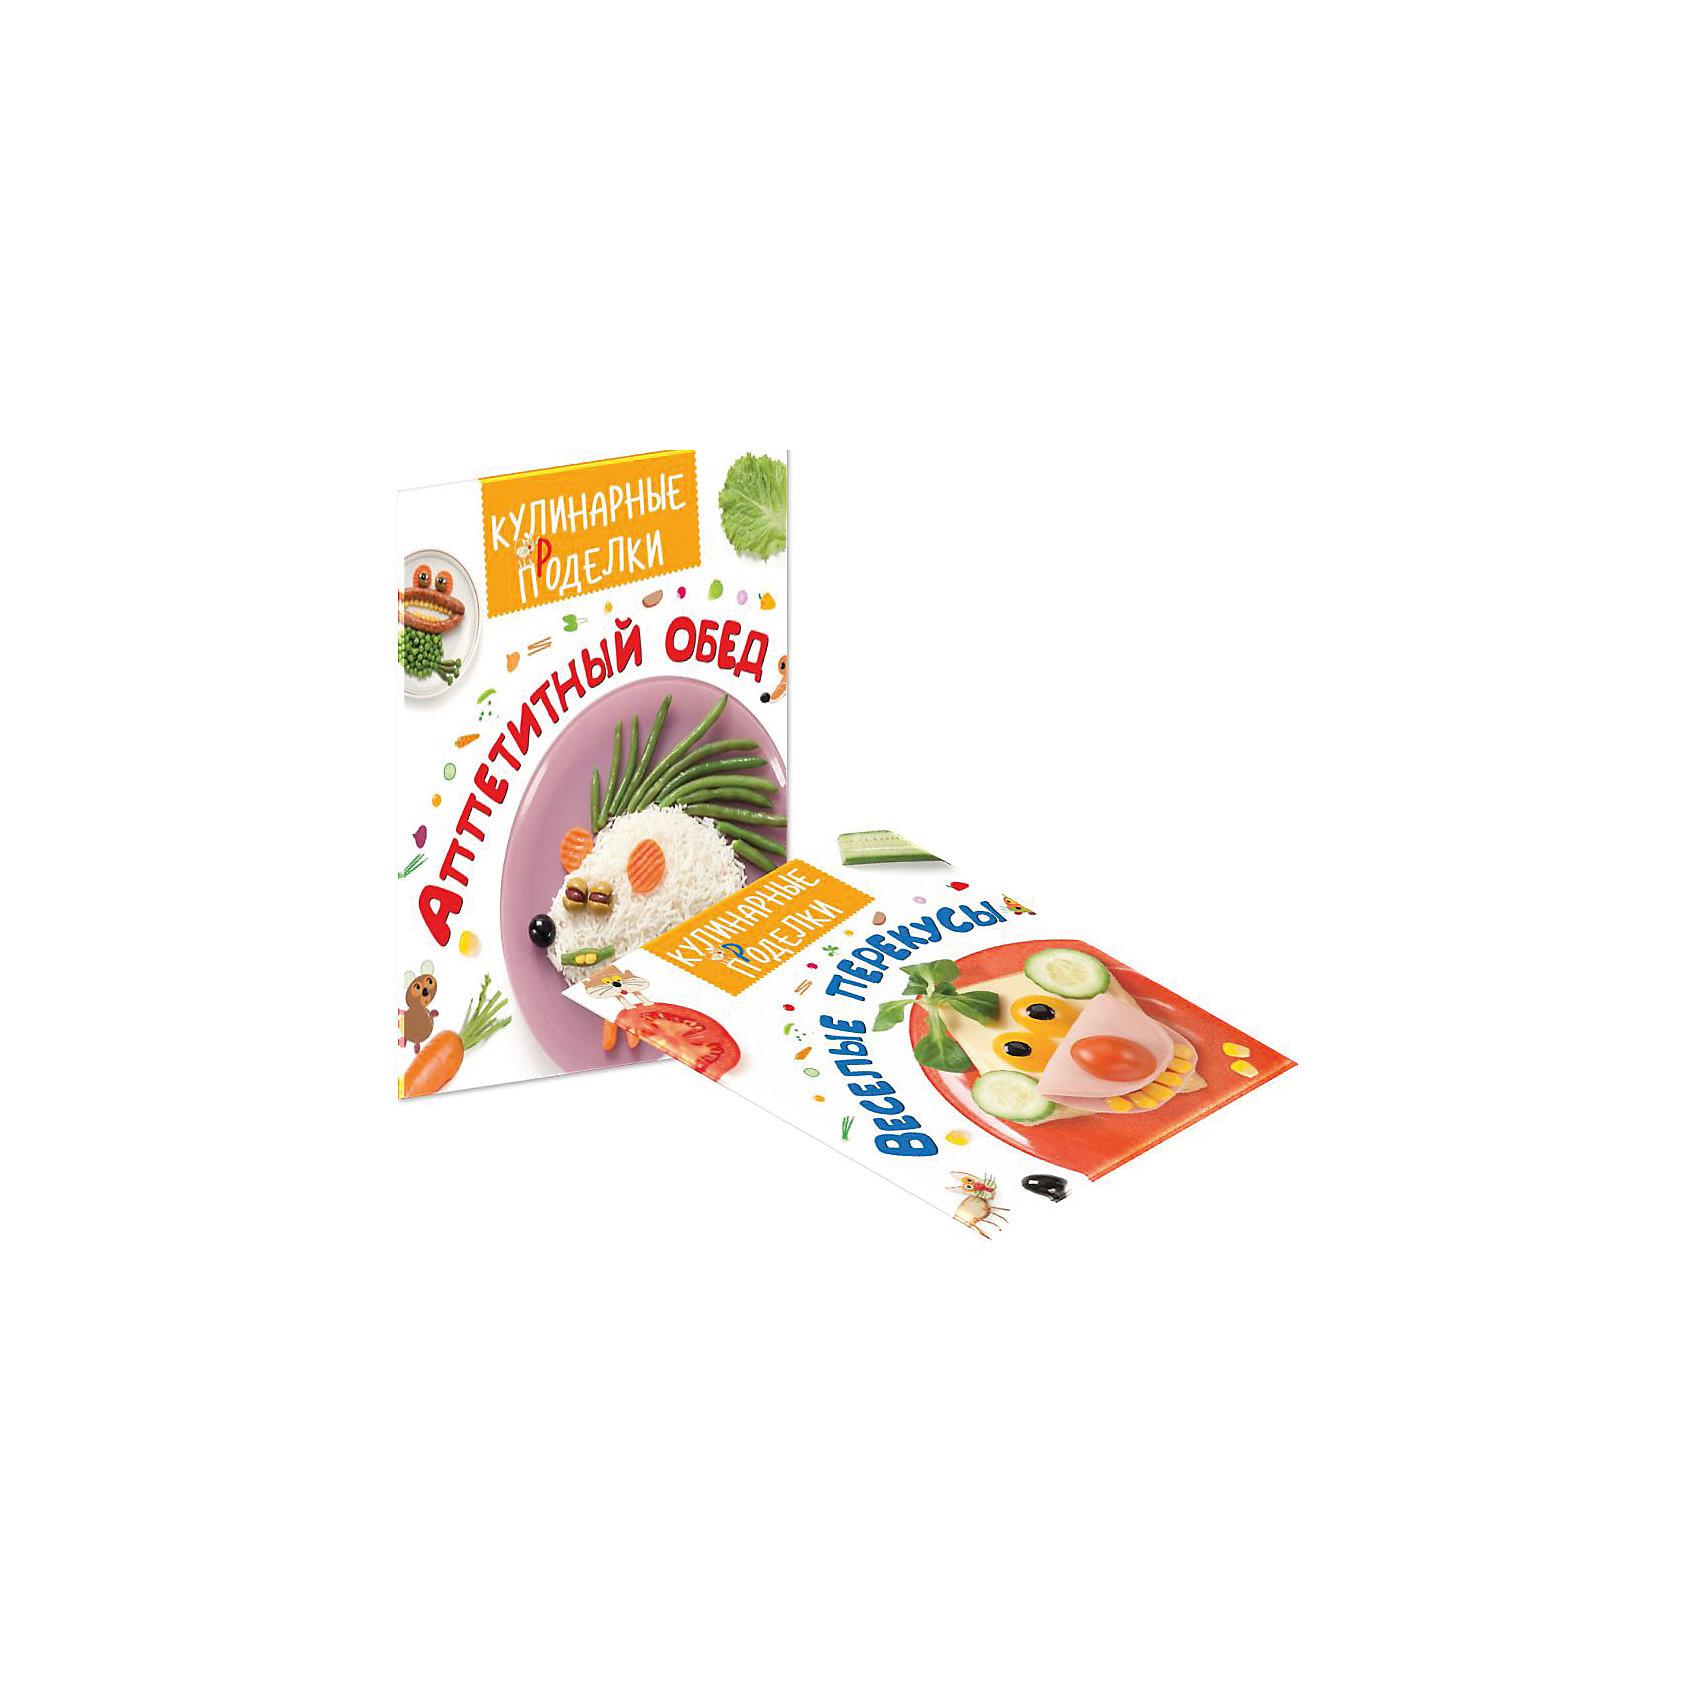 Комплект 1. Кулинарные проделки: готовим с детьми